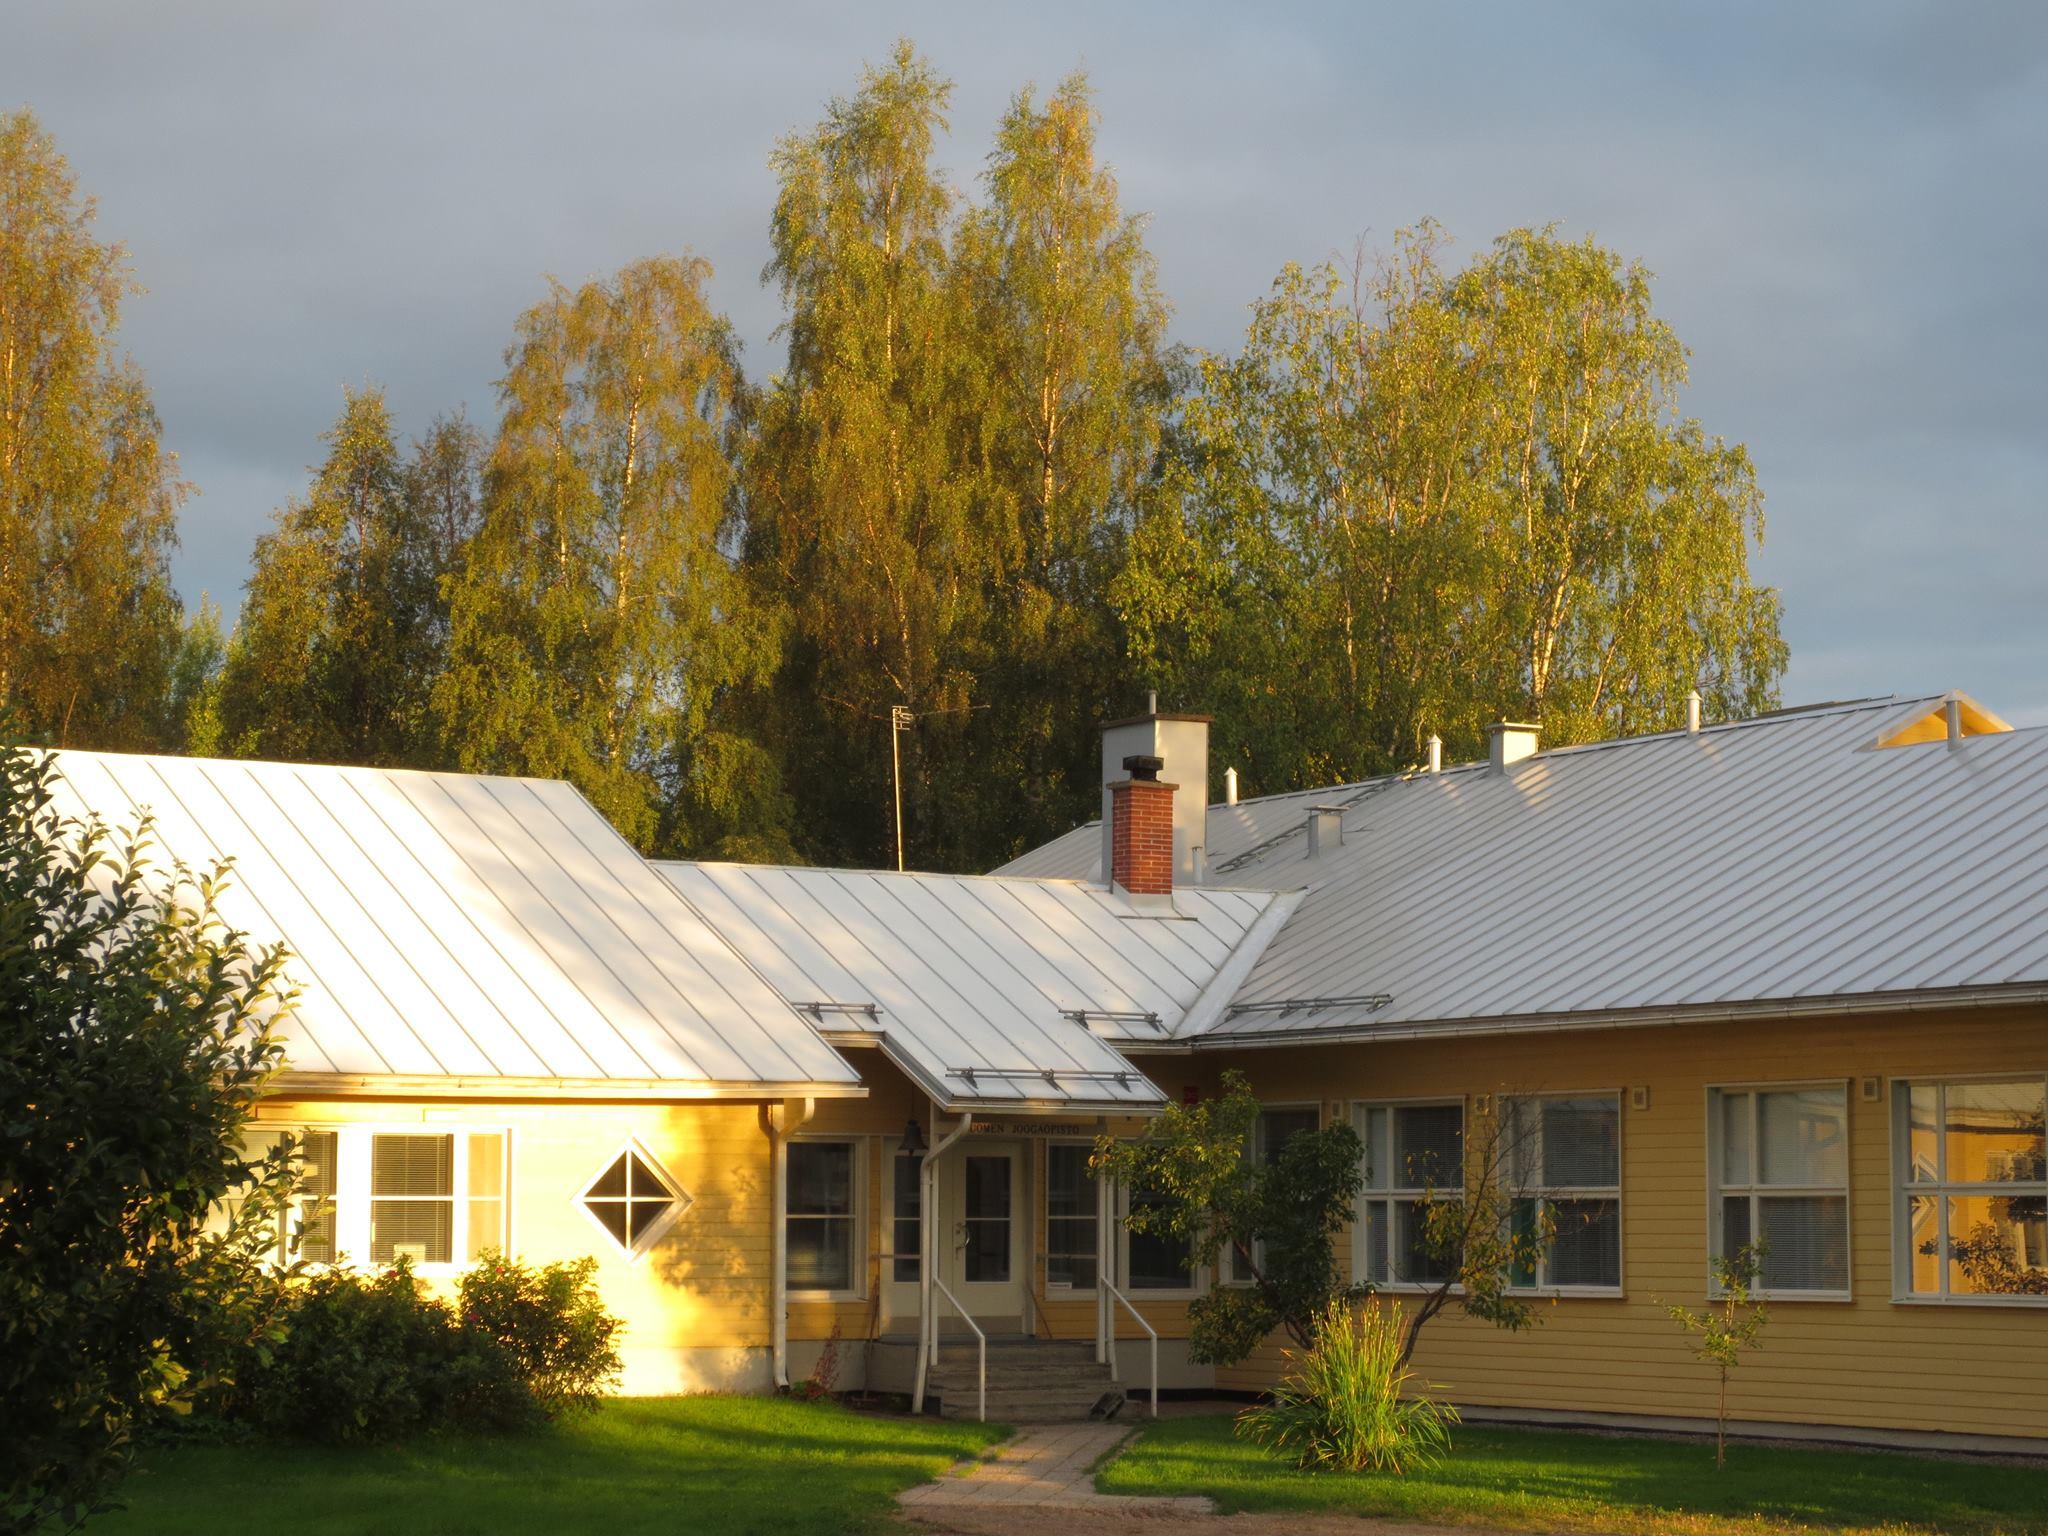 Maalämpöpumpun, öljykattilan ja aurinkokeräinten asennus_Saarijärvi, Keski-Suomi